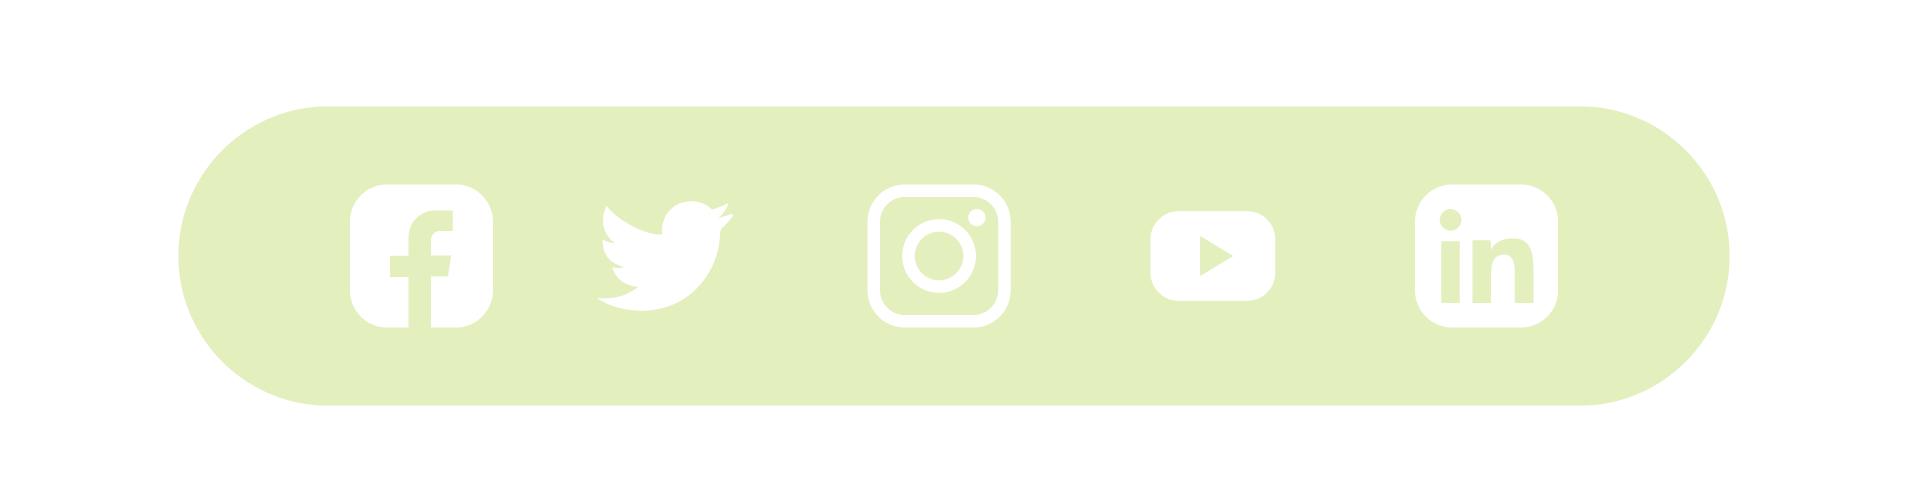 Icônes des médias sociaux et menu blanc sur orange clair avec un très faible contraste.